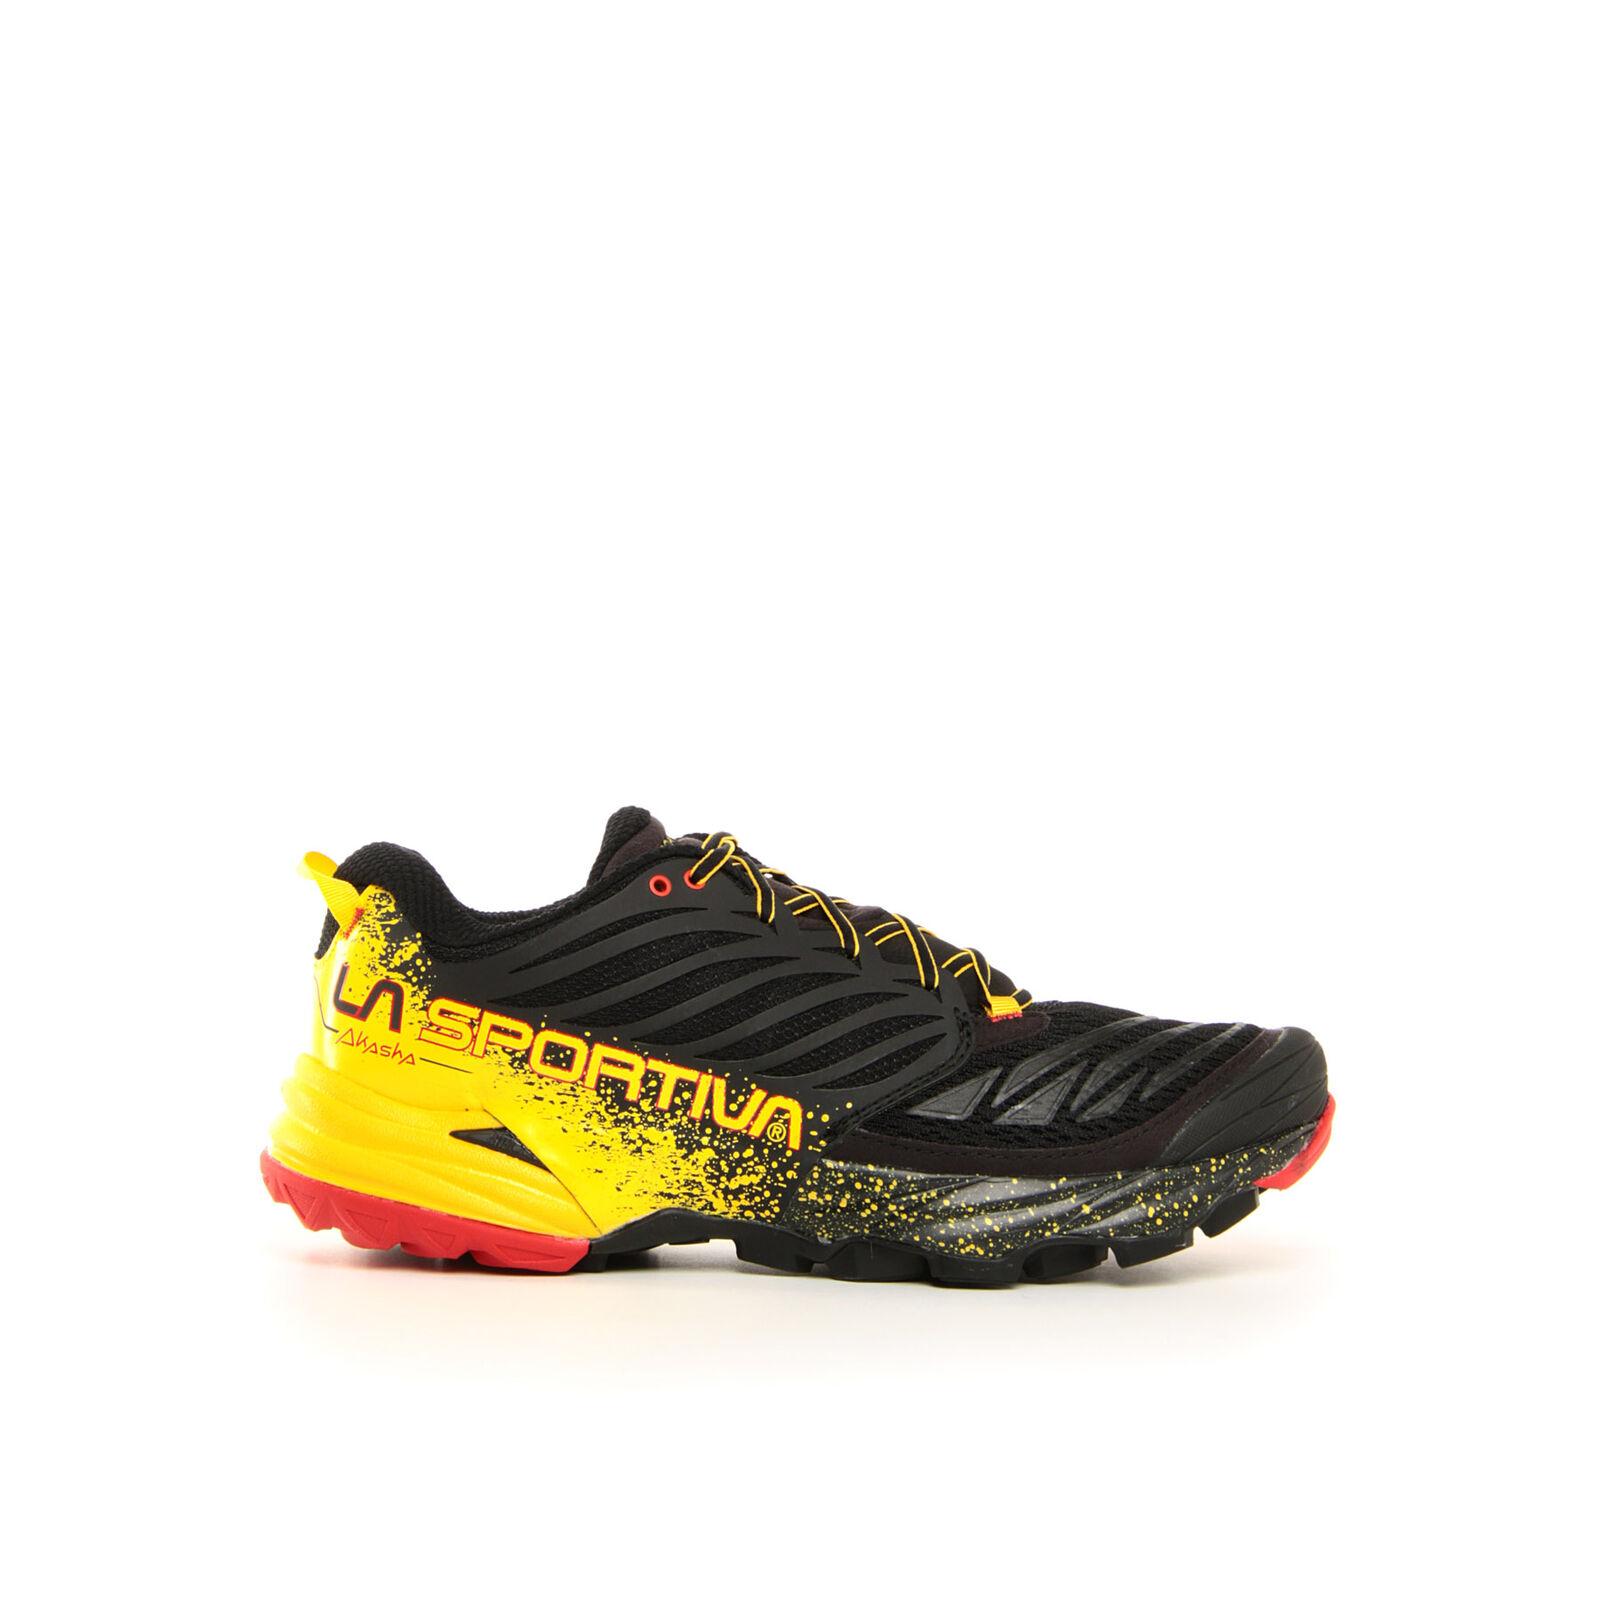 adidas adios stivali 3 uomo yellow